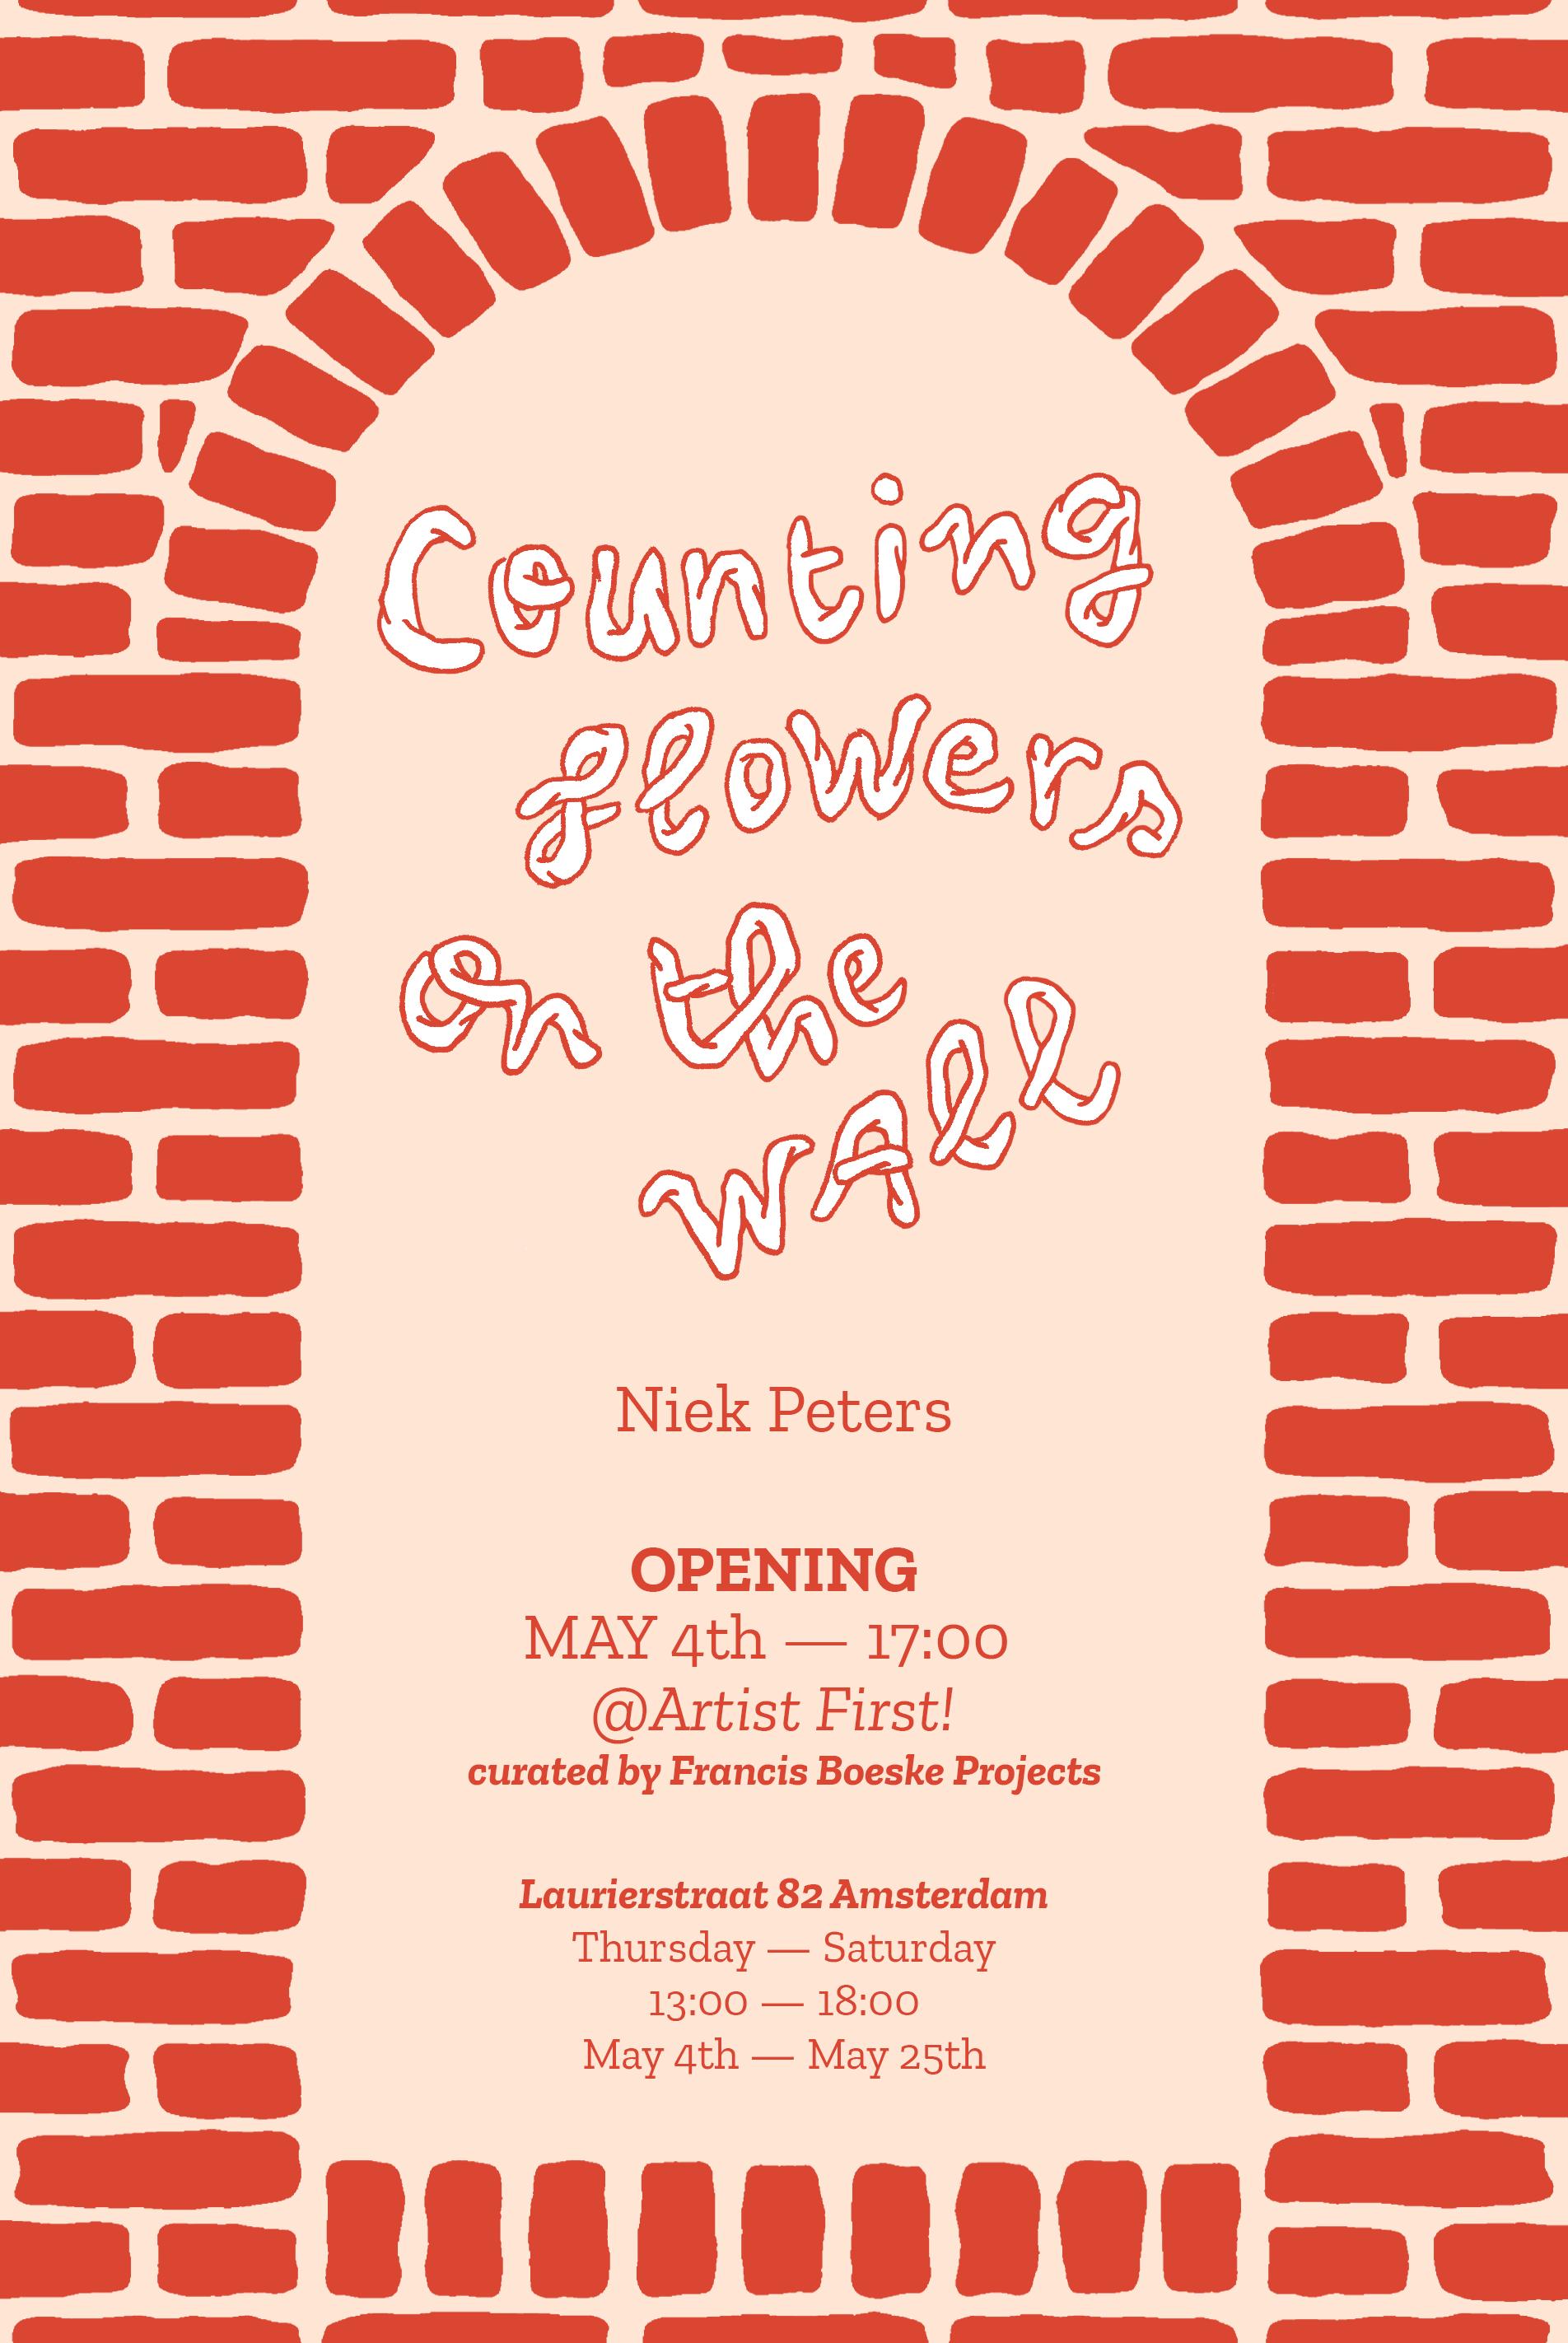 Niek Peters uitnodiging.png